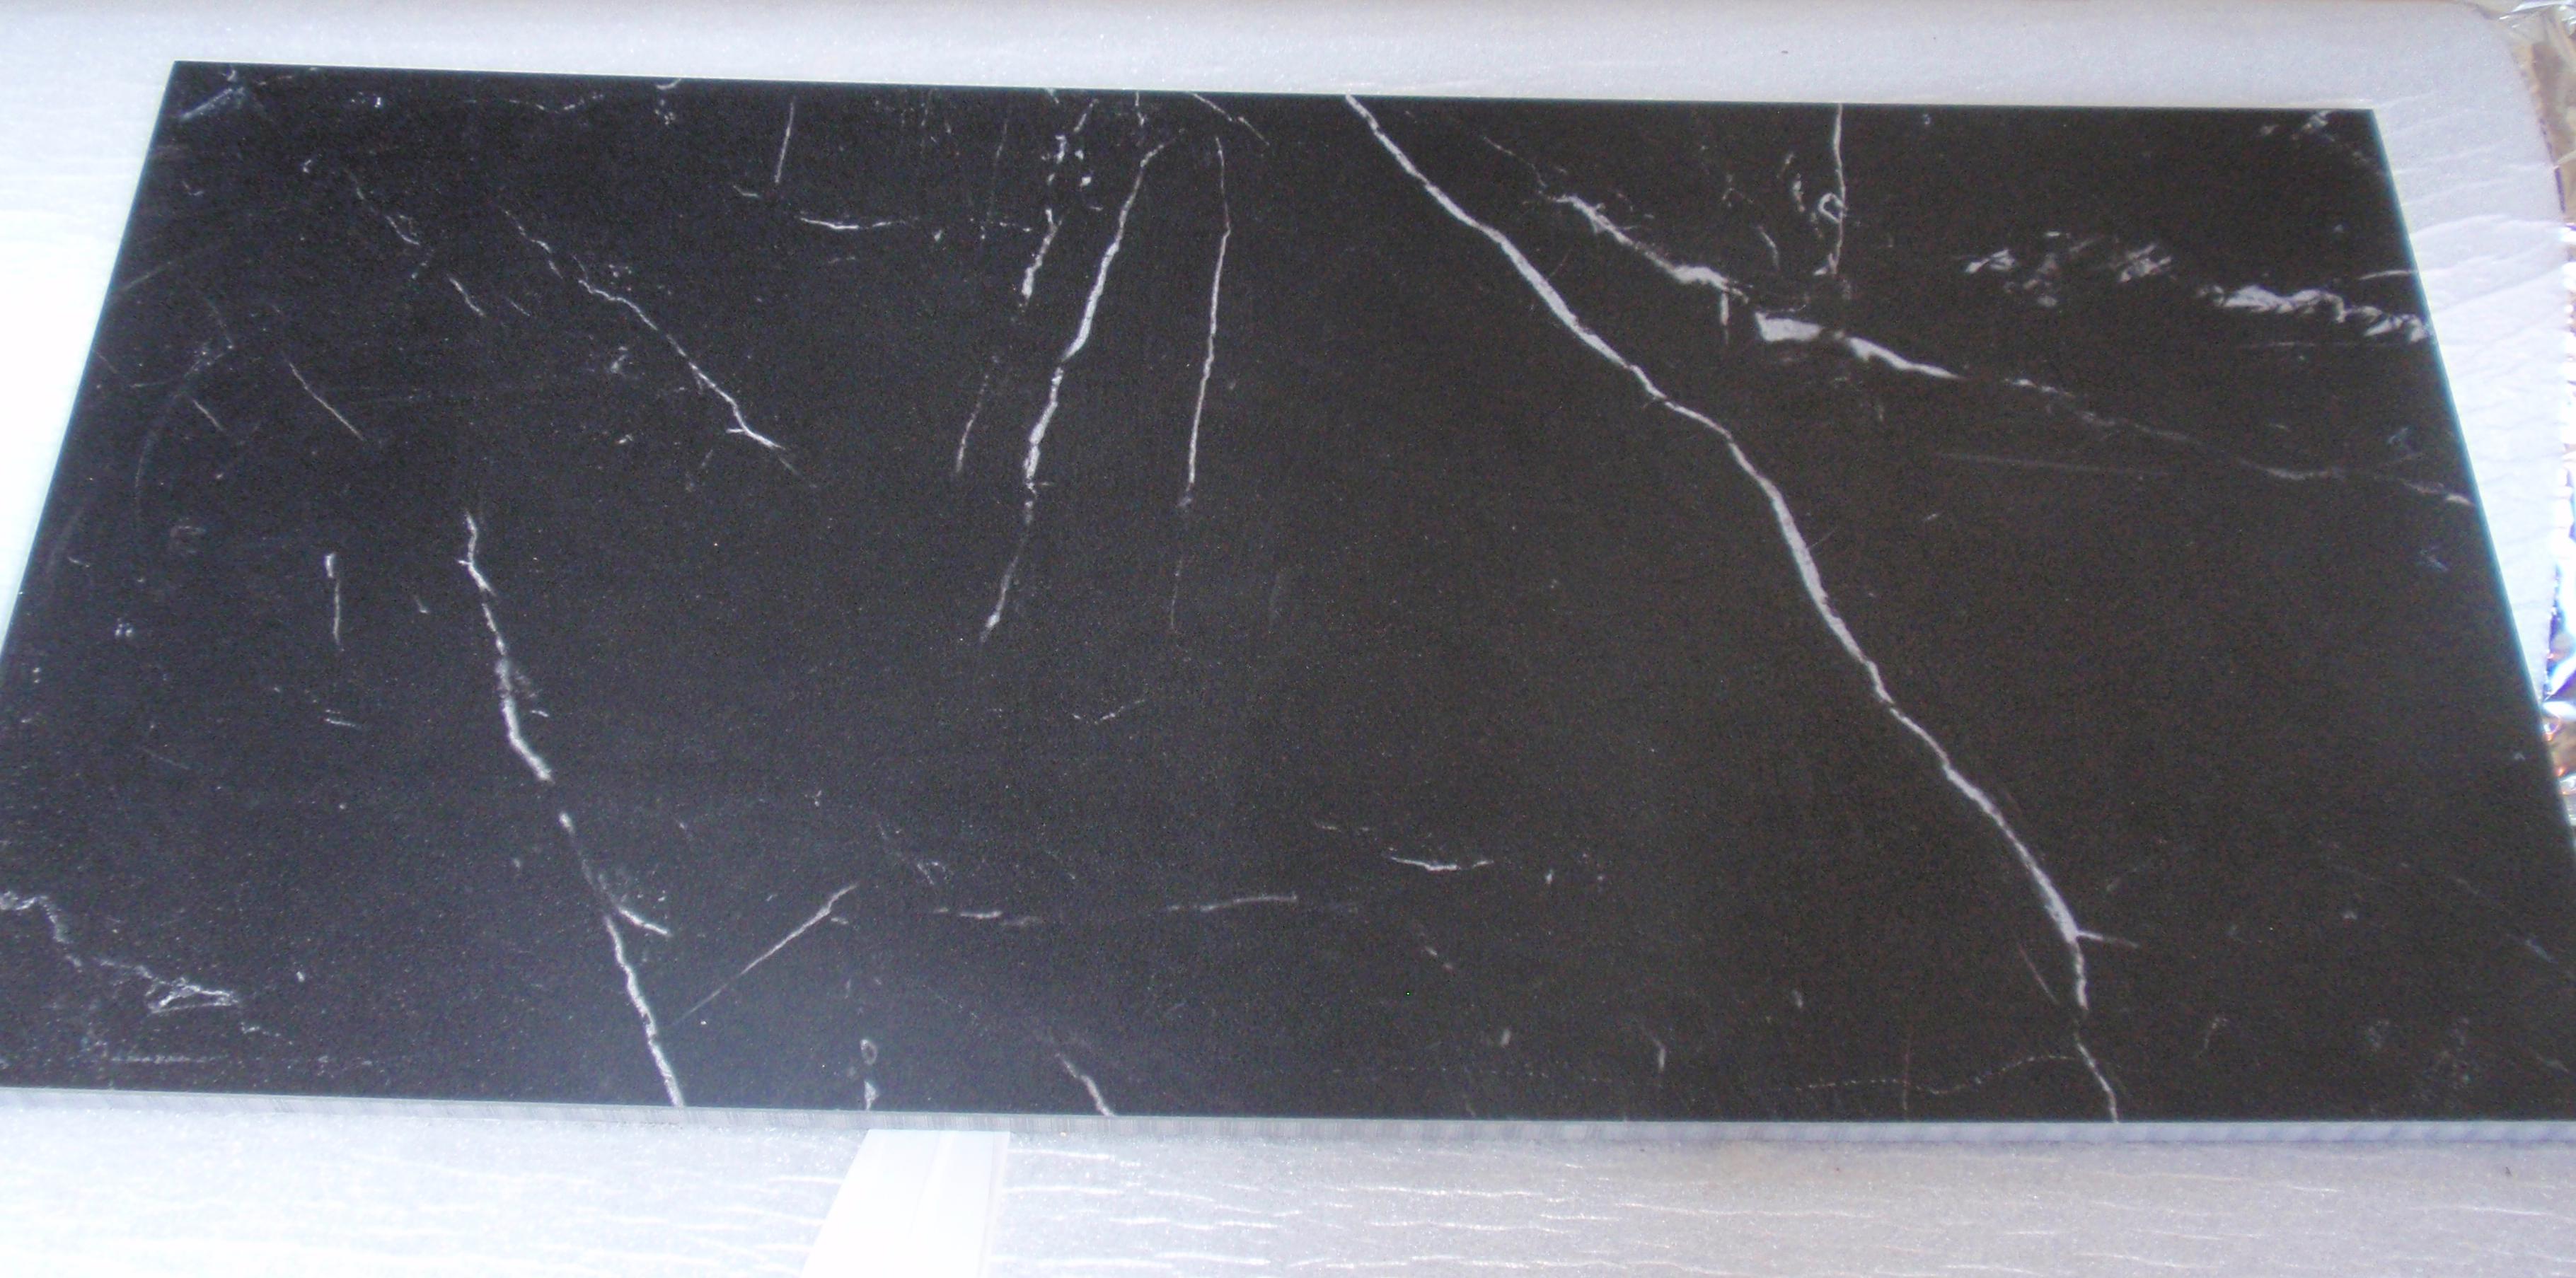 Gres porcellanato Paros Noire 30x60 Prezzo 9,00 €/mq +